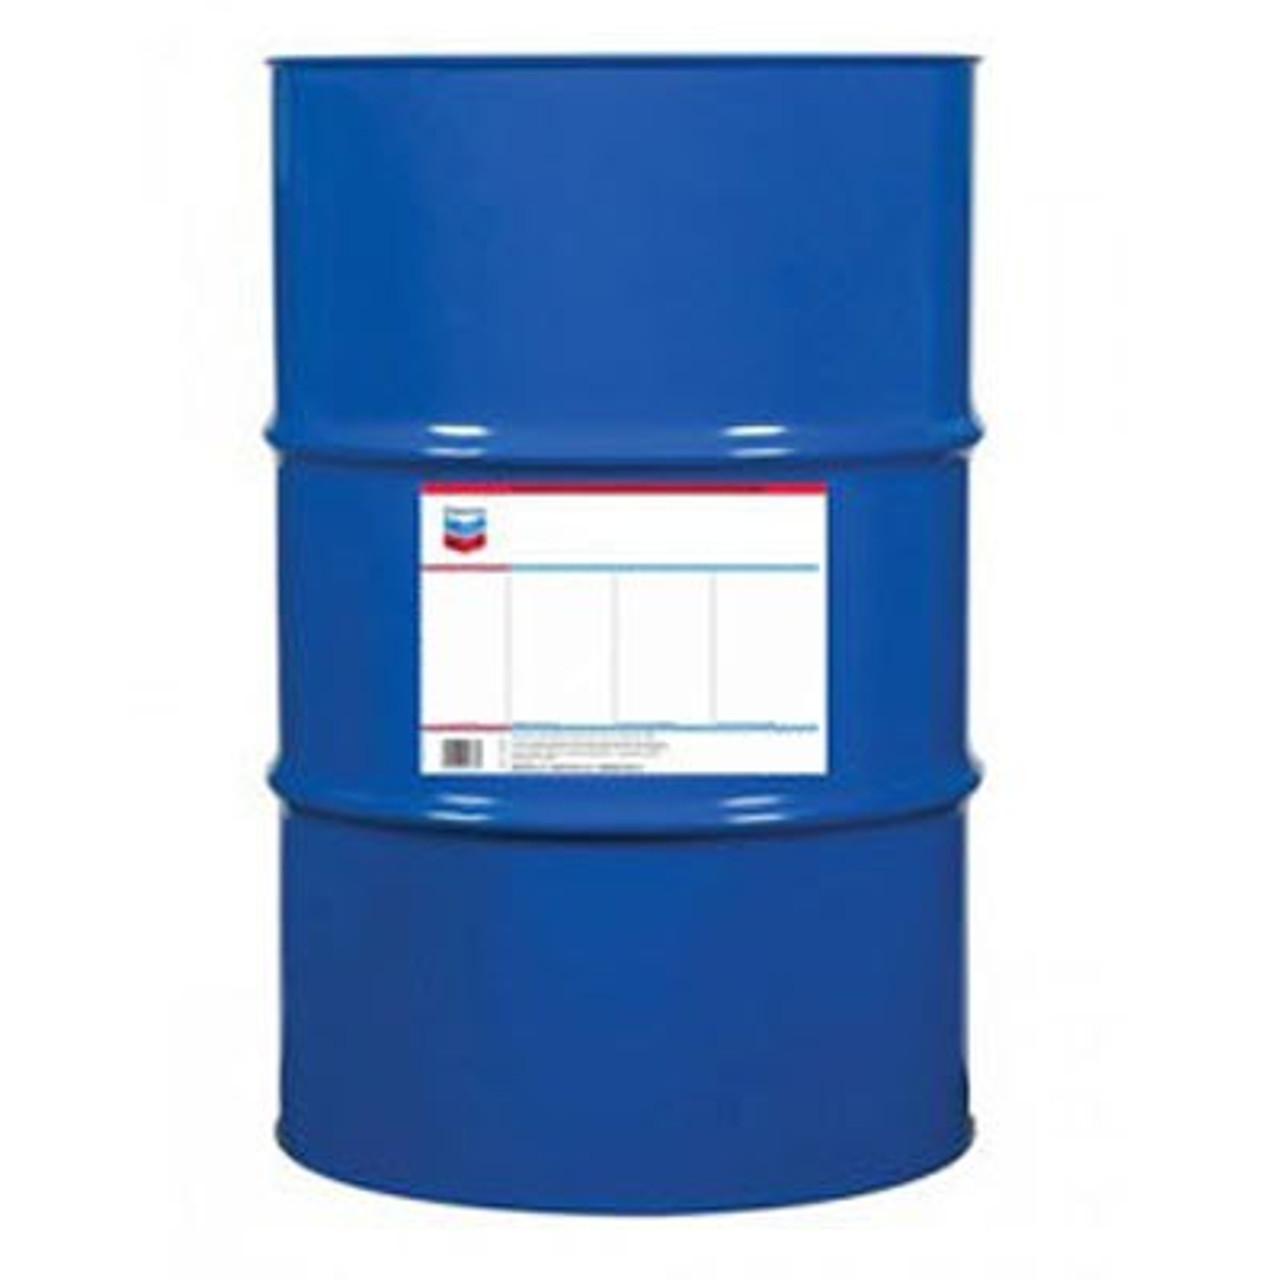 Chevron® Delo® 400 SDE 15w40 CK4 Diesel Engine Oil - 55 Gallon Drum